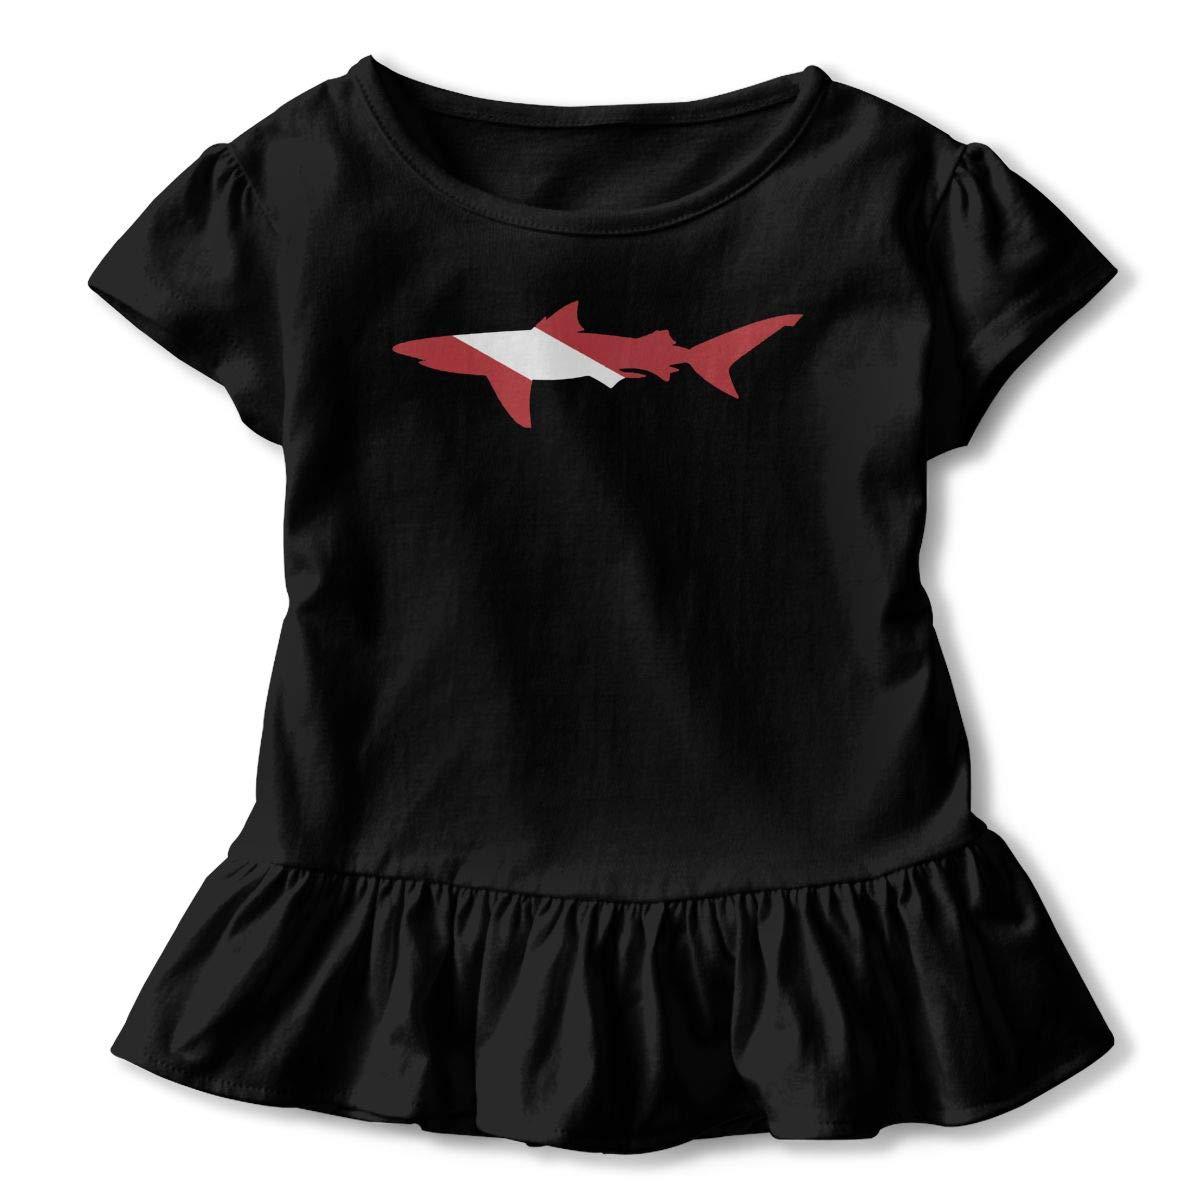 Shark Scuba Diving Flag Toddler//Infant Girls Short Sleeve T-Shirts Ruffles Shirt T-Shirt for 2-6T